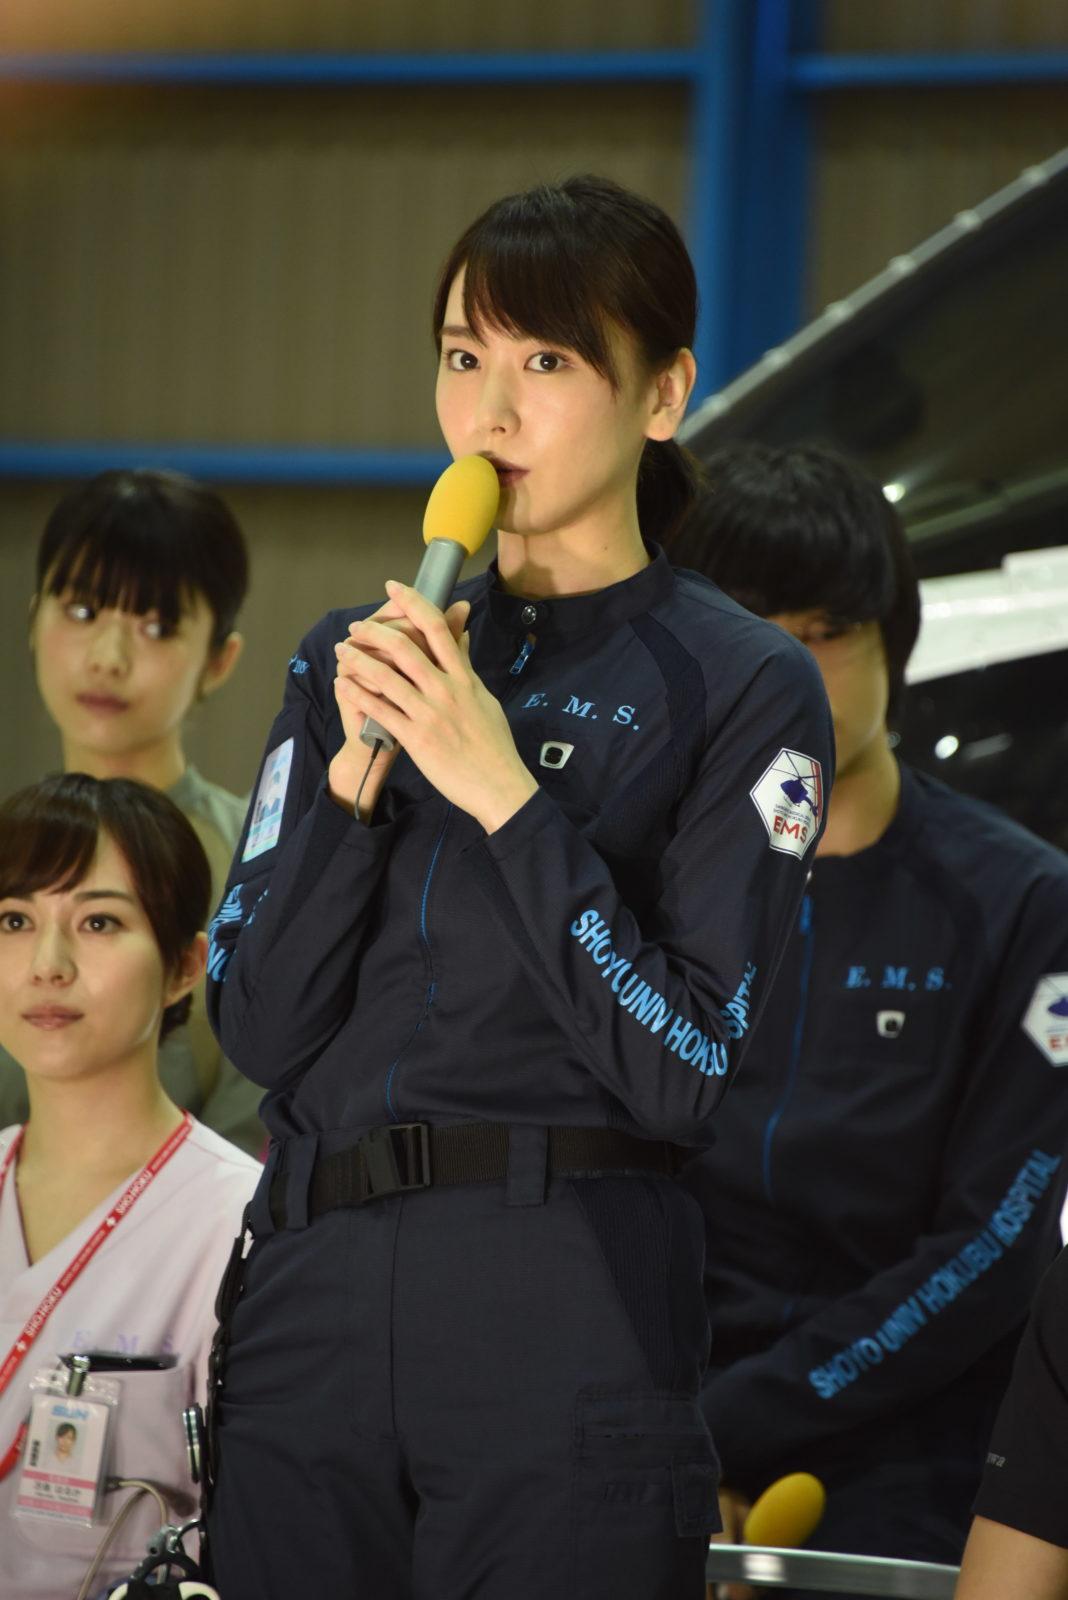 「コード・ブルー」3rdシーズン記者発表に豪華11人が勢揃い、山下智久&新垣結衣が治療を受けたい人は?画像39057